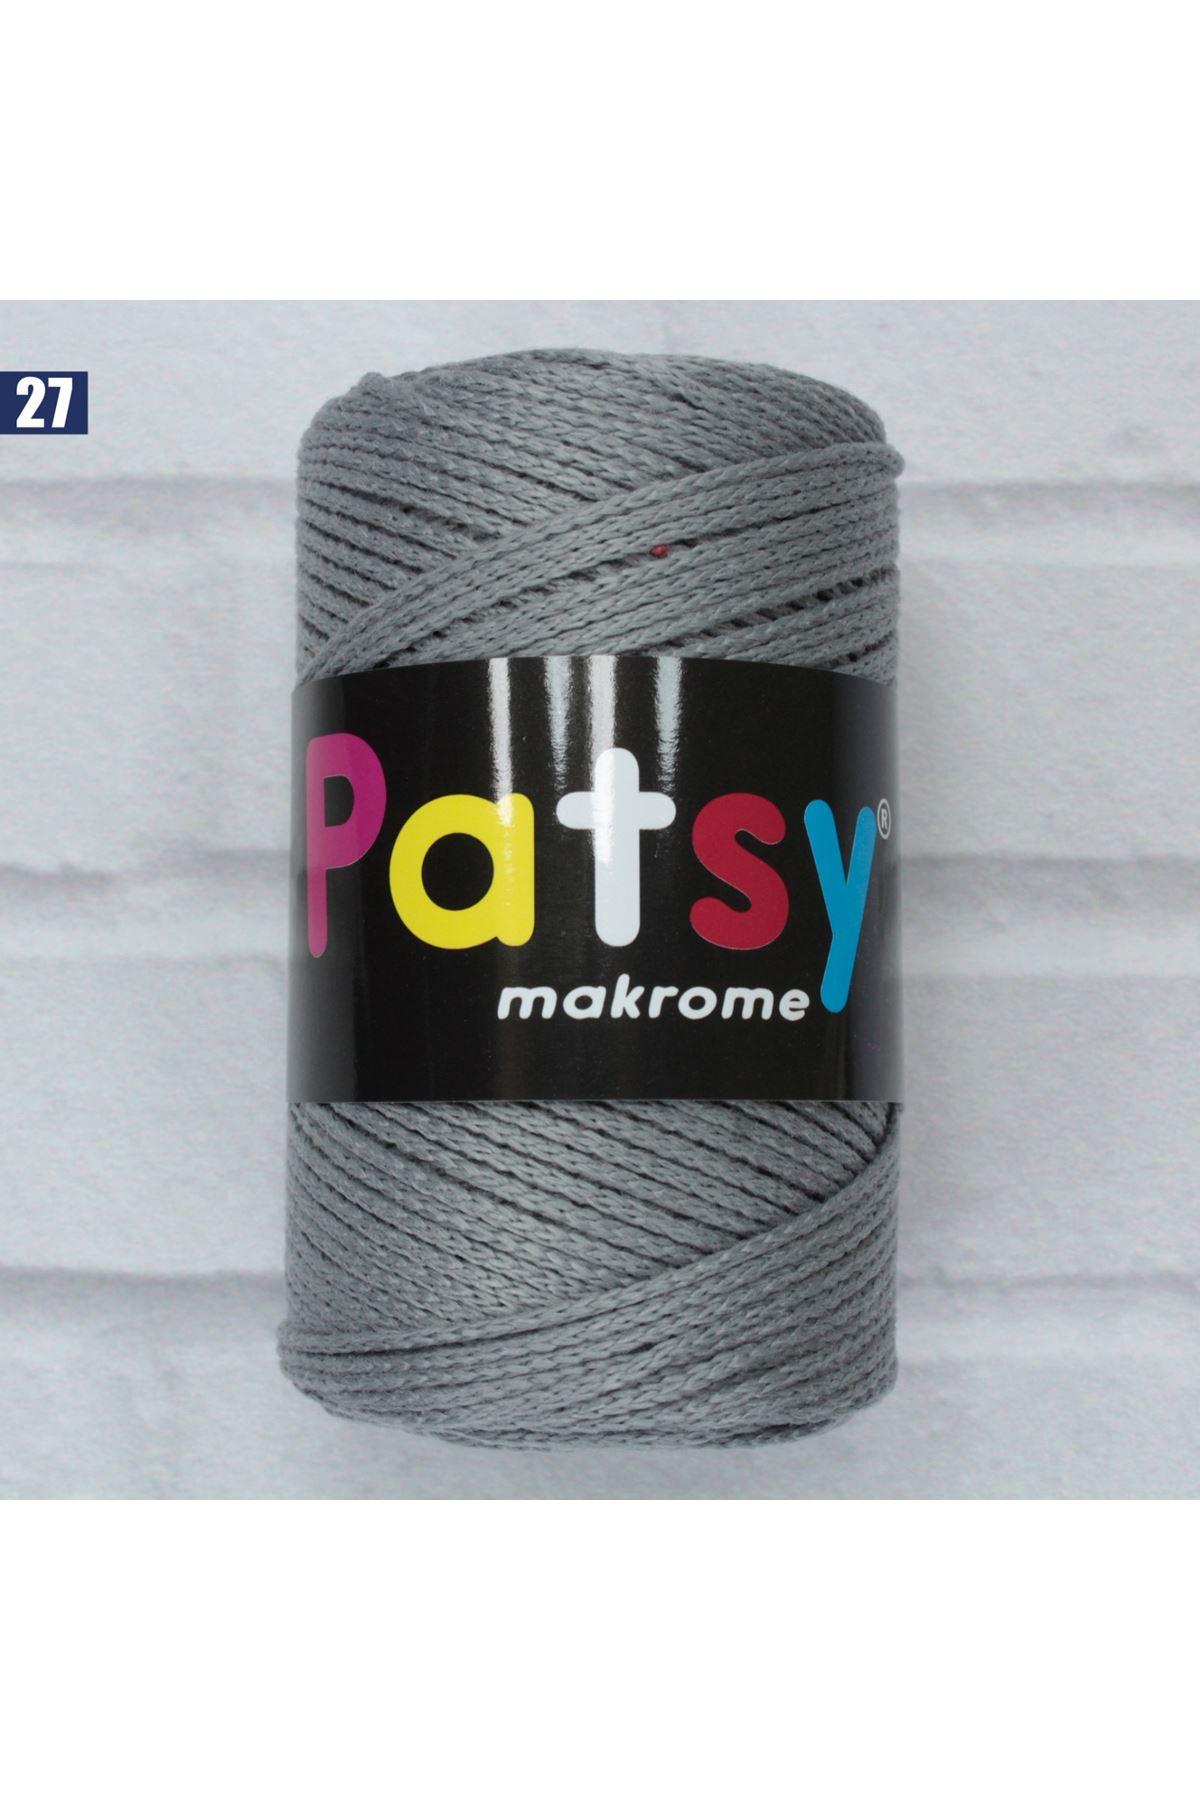 Patsy Makrome İpi - 27